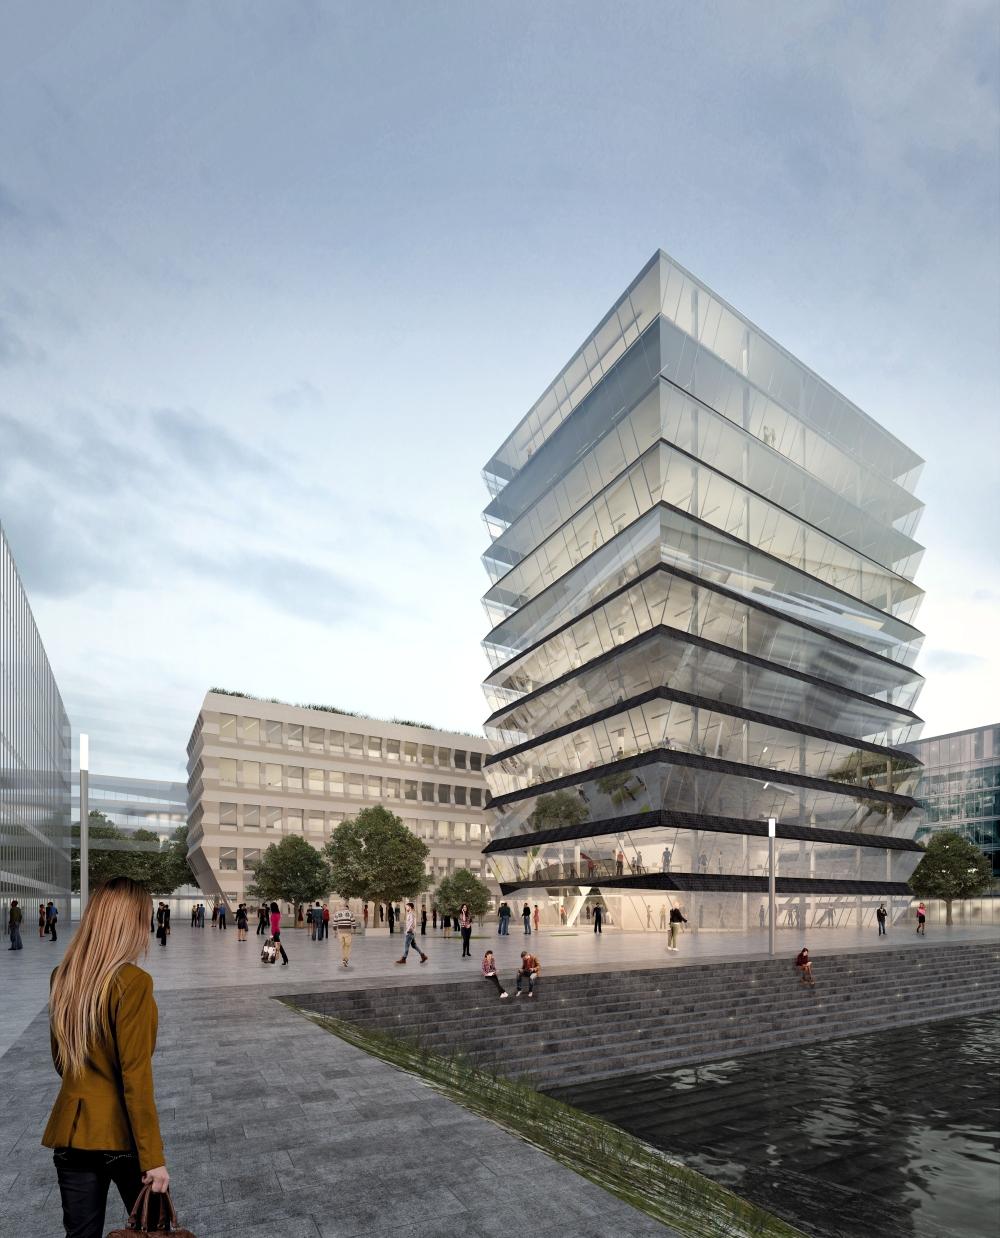 mainz zollhafen neues stadtquartier in bau seite 4 deutsches architektur forum. Black Bedroom Furniture Sets. Home Design Ideas